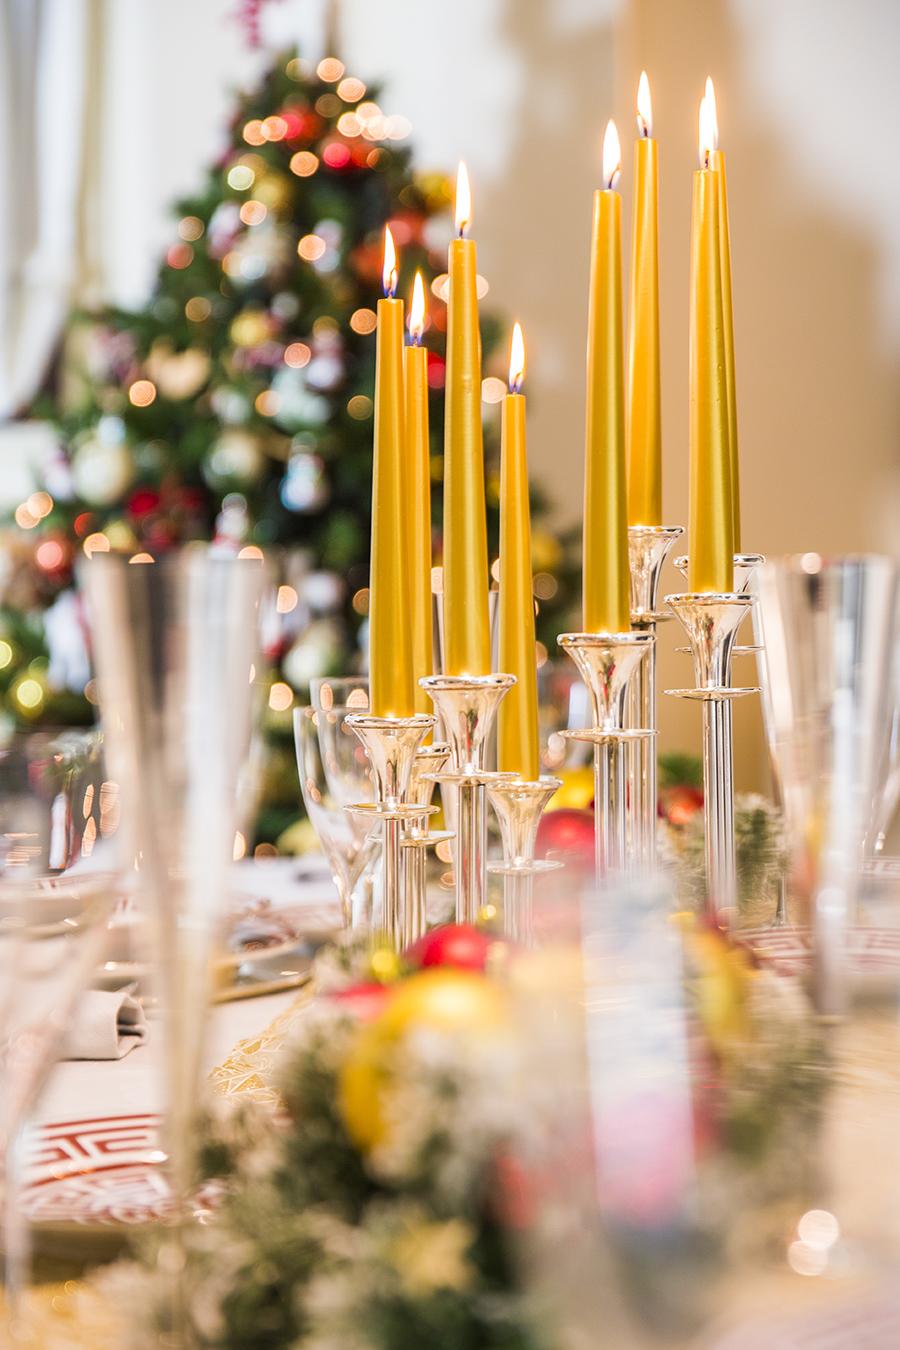 Creare Composizioni Per Natale come fare un centrotavola per natale?